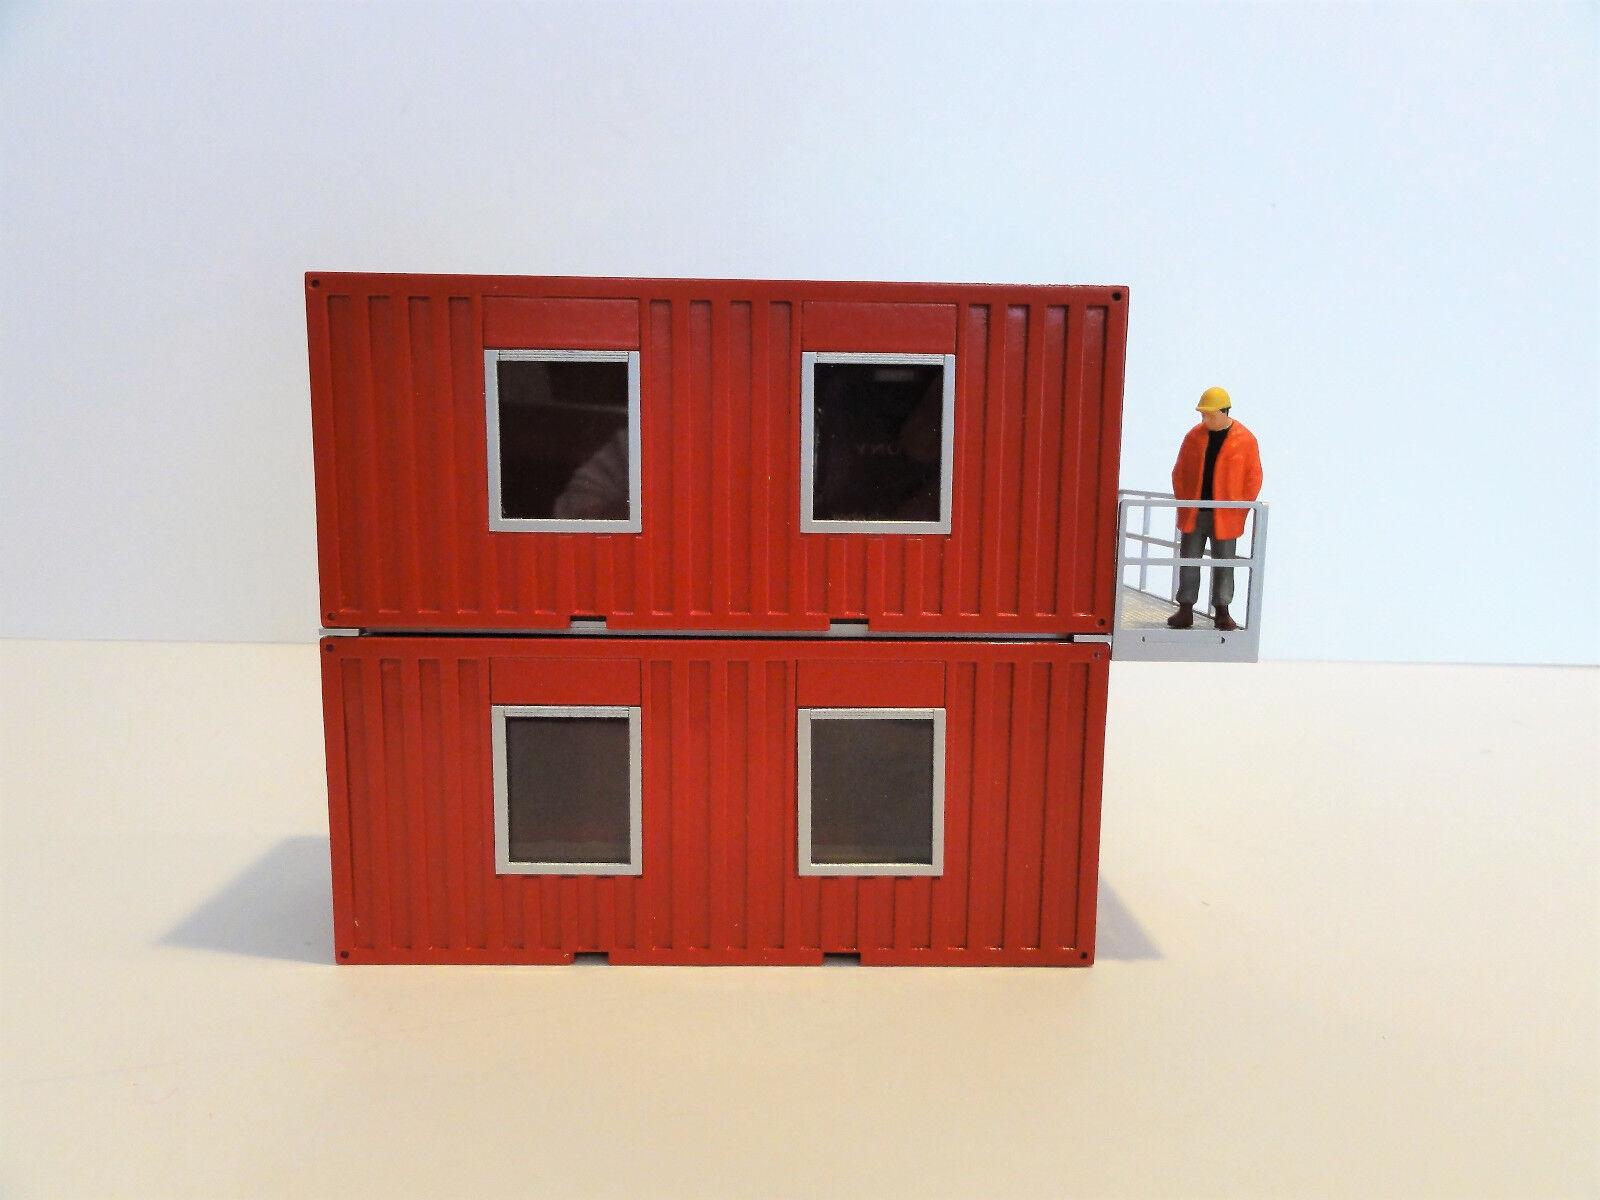 Himobo 20 ft (environ 6.10 m) Living Bureau de conteneurs  Rouge  1 50  NEW  Aimable Accessoire